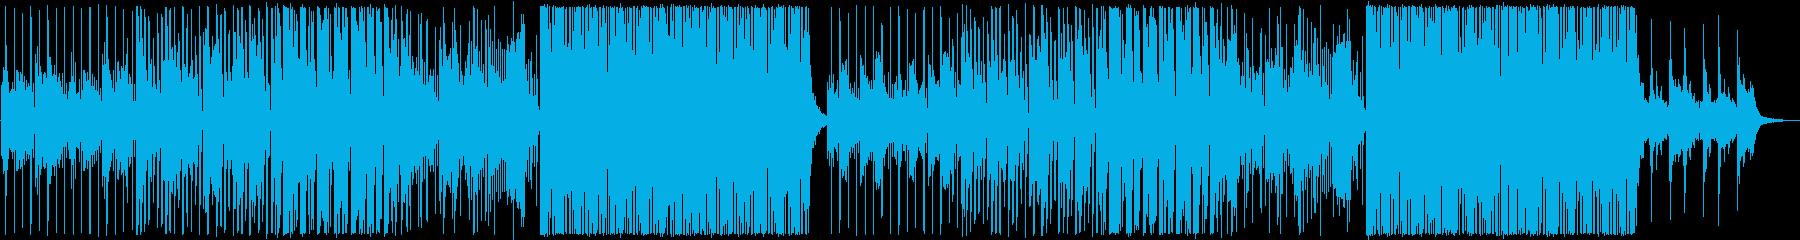 フルートの音色が心地いい前向きなBGMの再生済みの波形